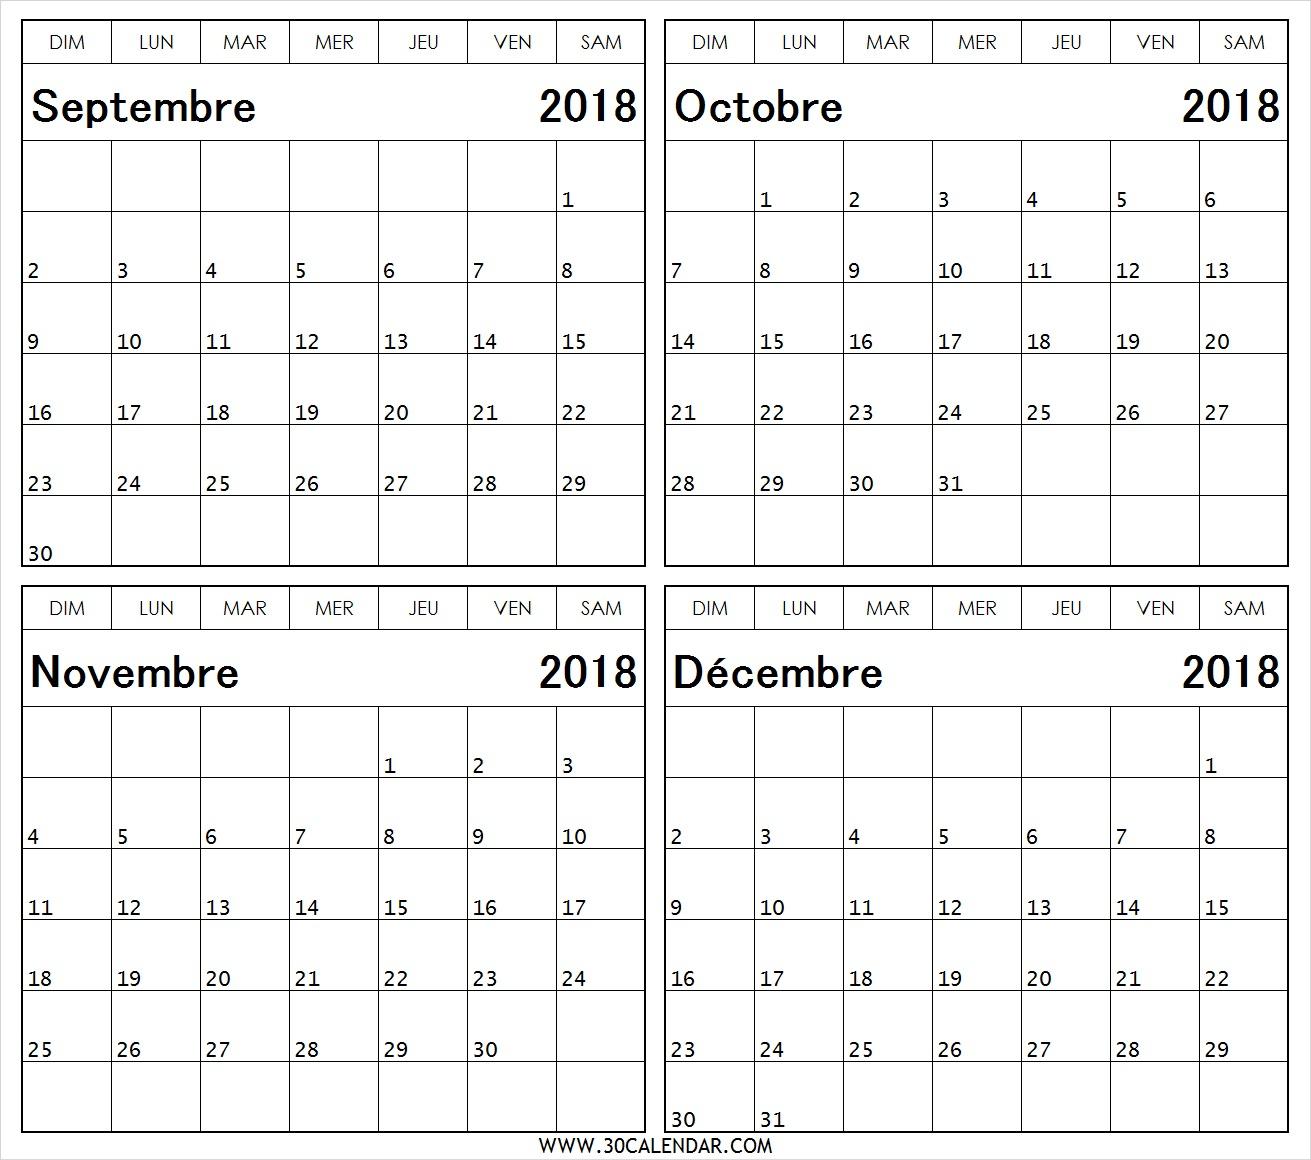 Calendrier Du Mois De Septembre October Novembre Décembre 2018 concernant Calendrier 2018 A Imprimer Par Mois